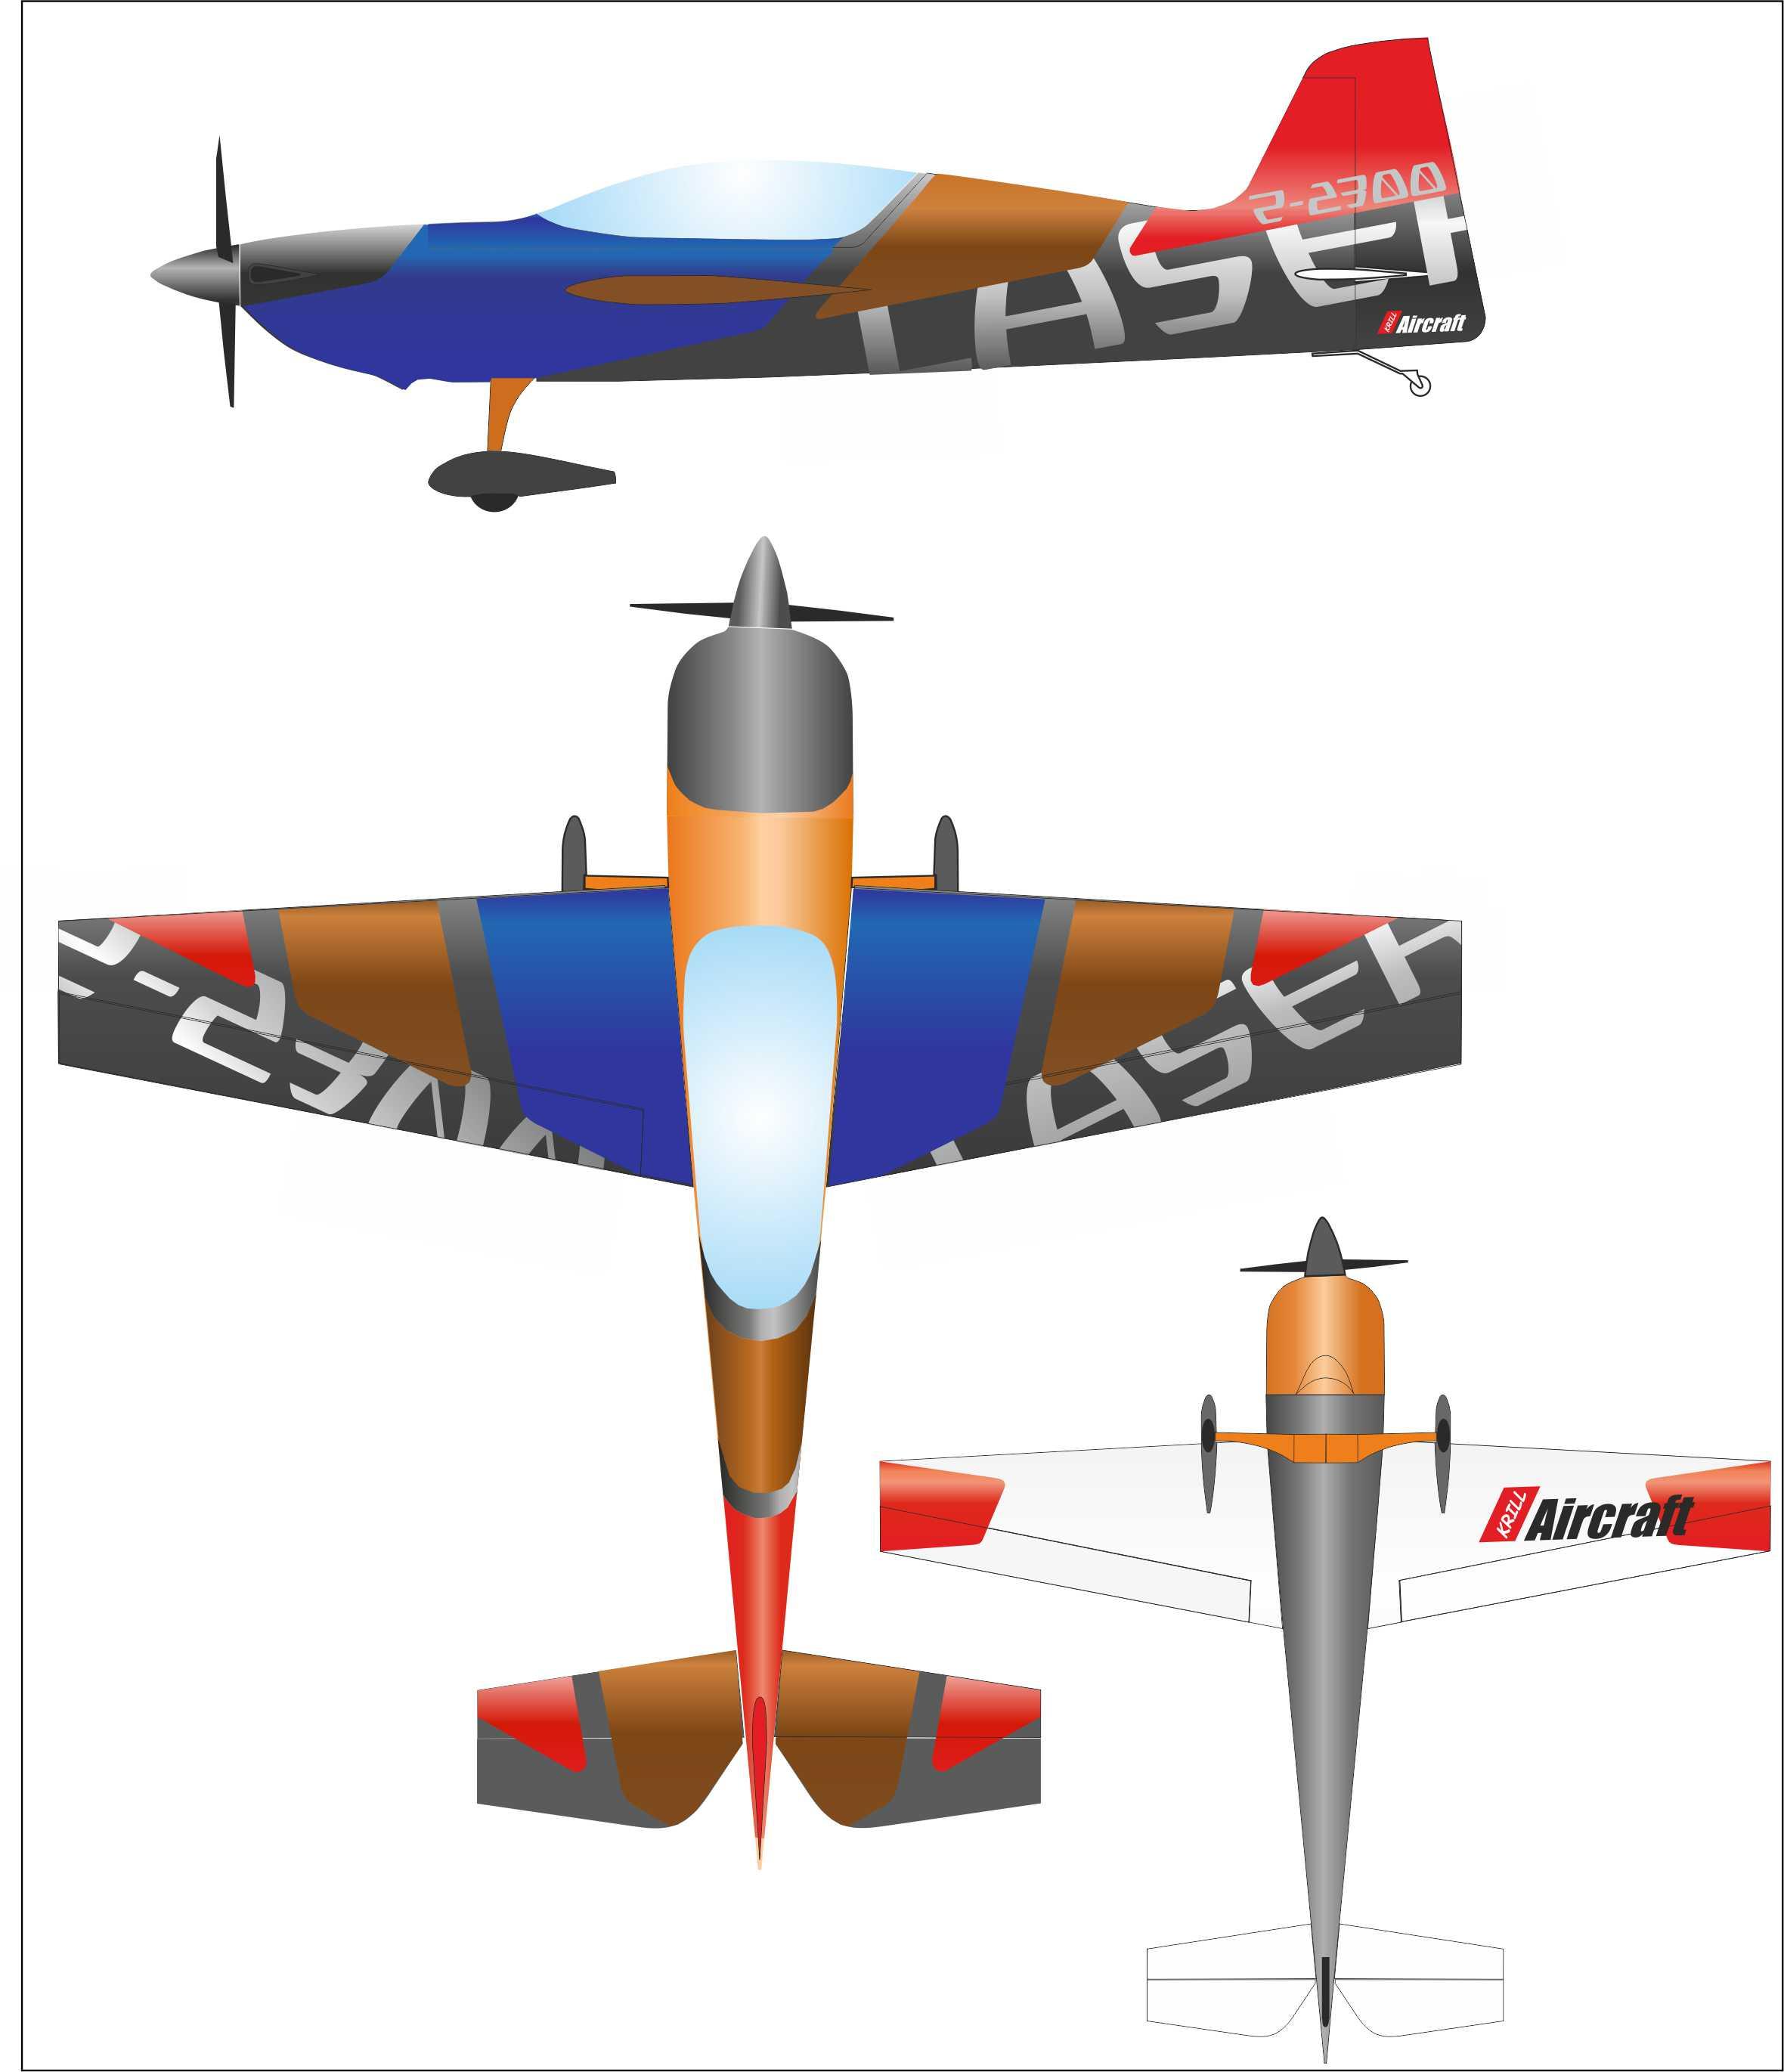 Laser IR BL-BR 1-1.jpg